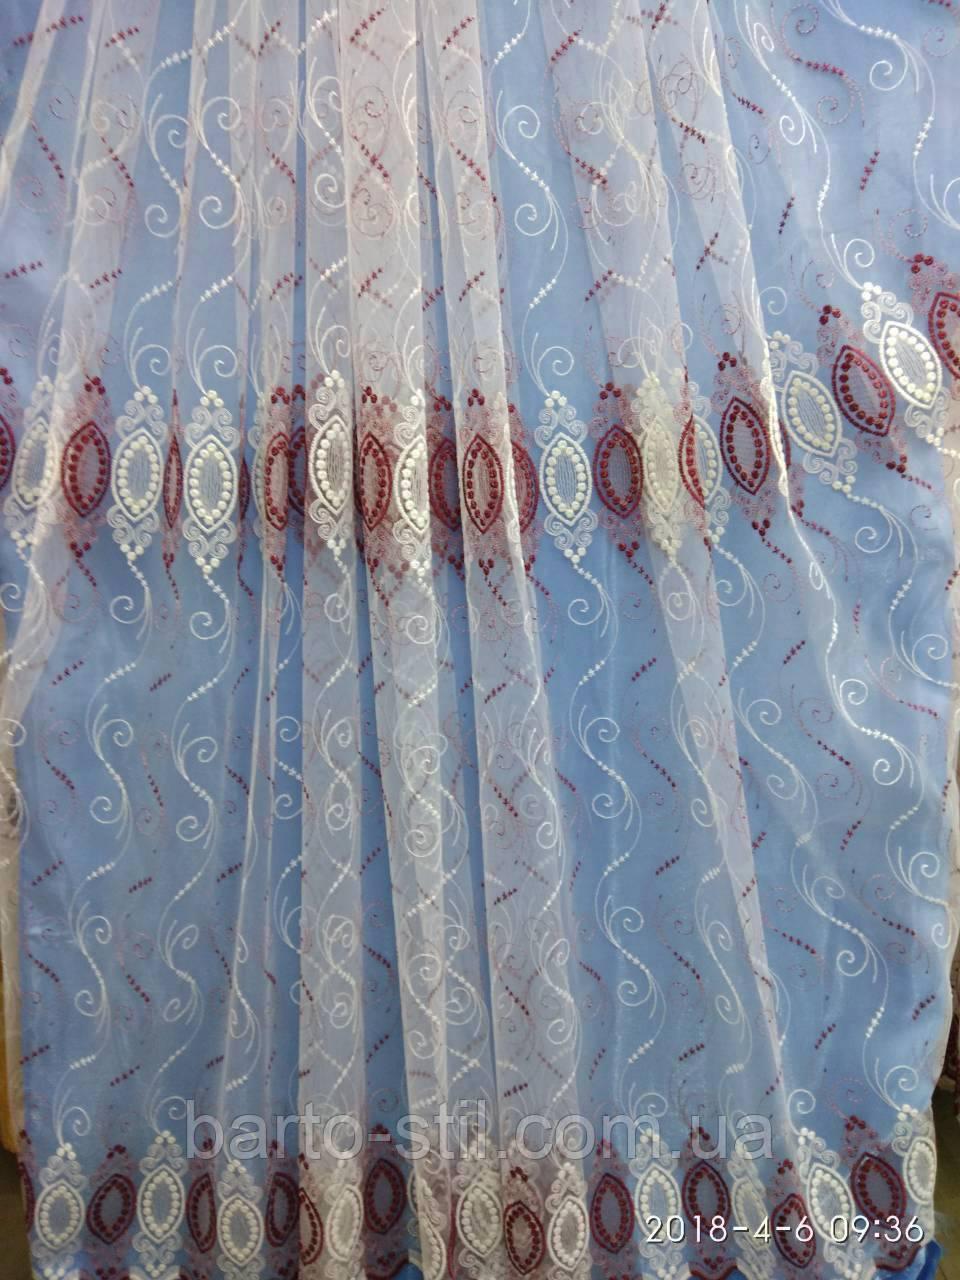 Гардина на фатиновой основе с бордово-белой вышивкой. Высота 2. 8 м. На метраж и опт.